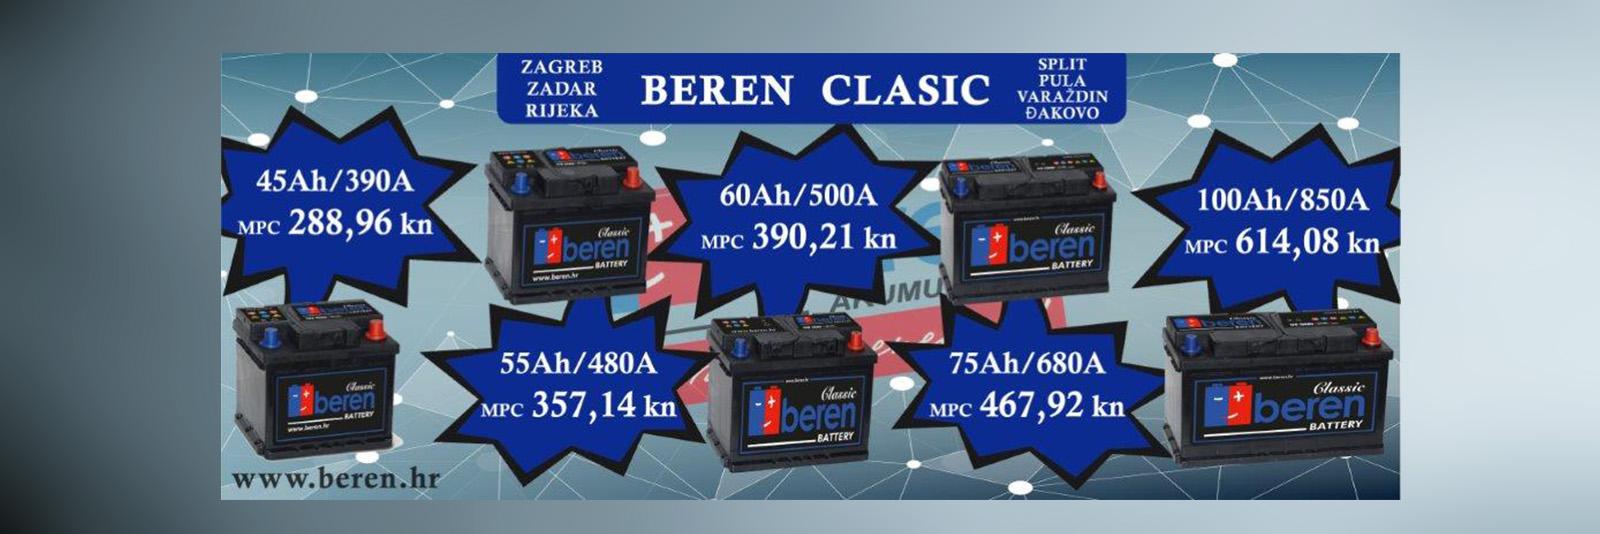 Beren_classic